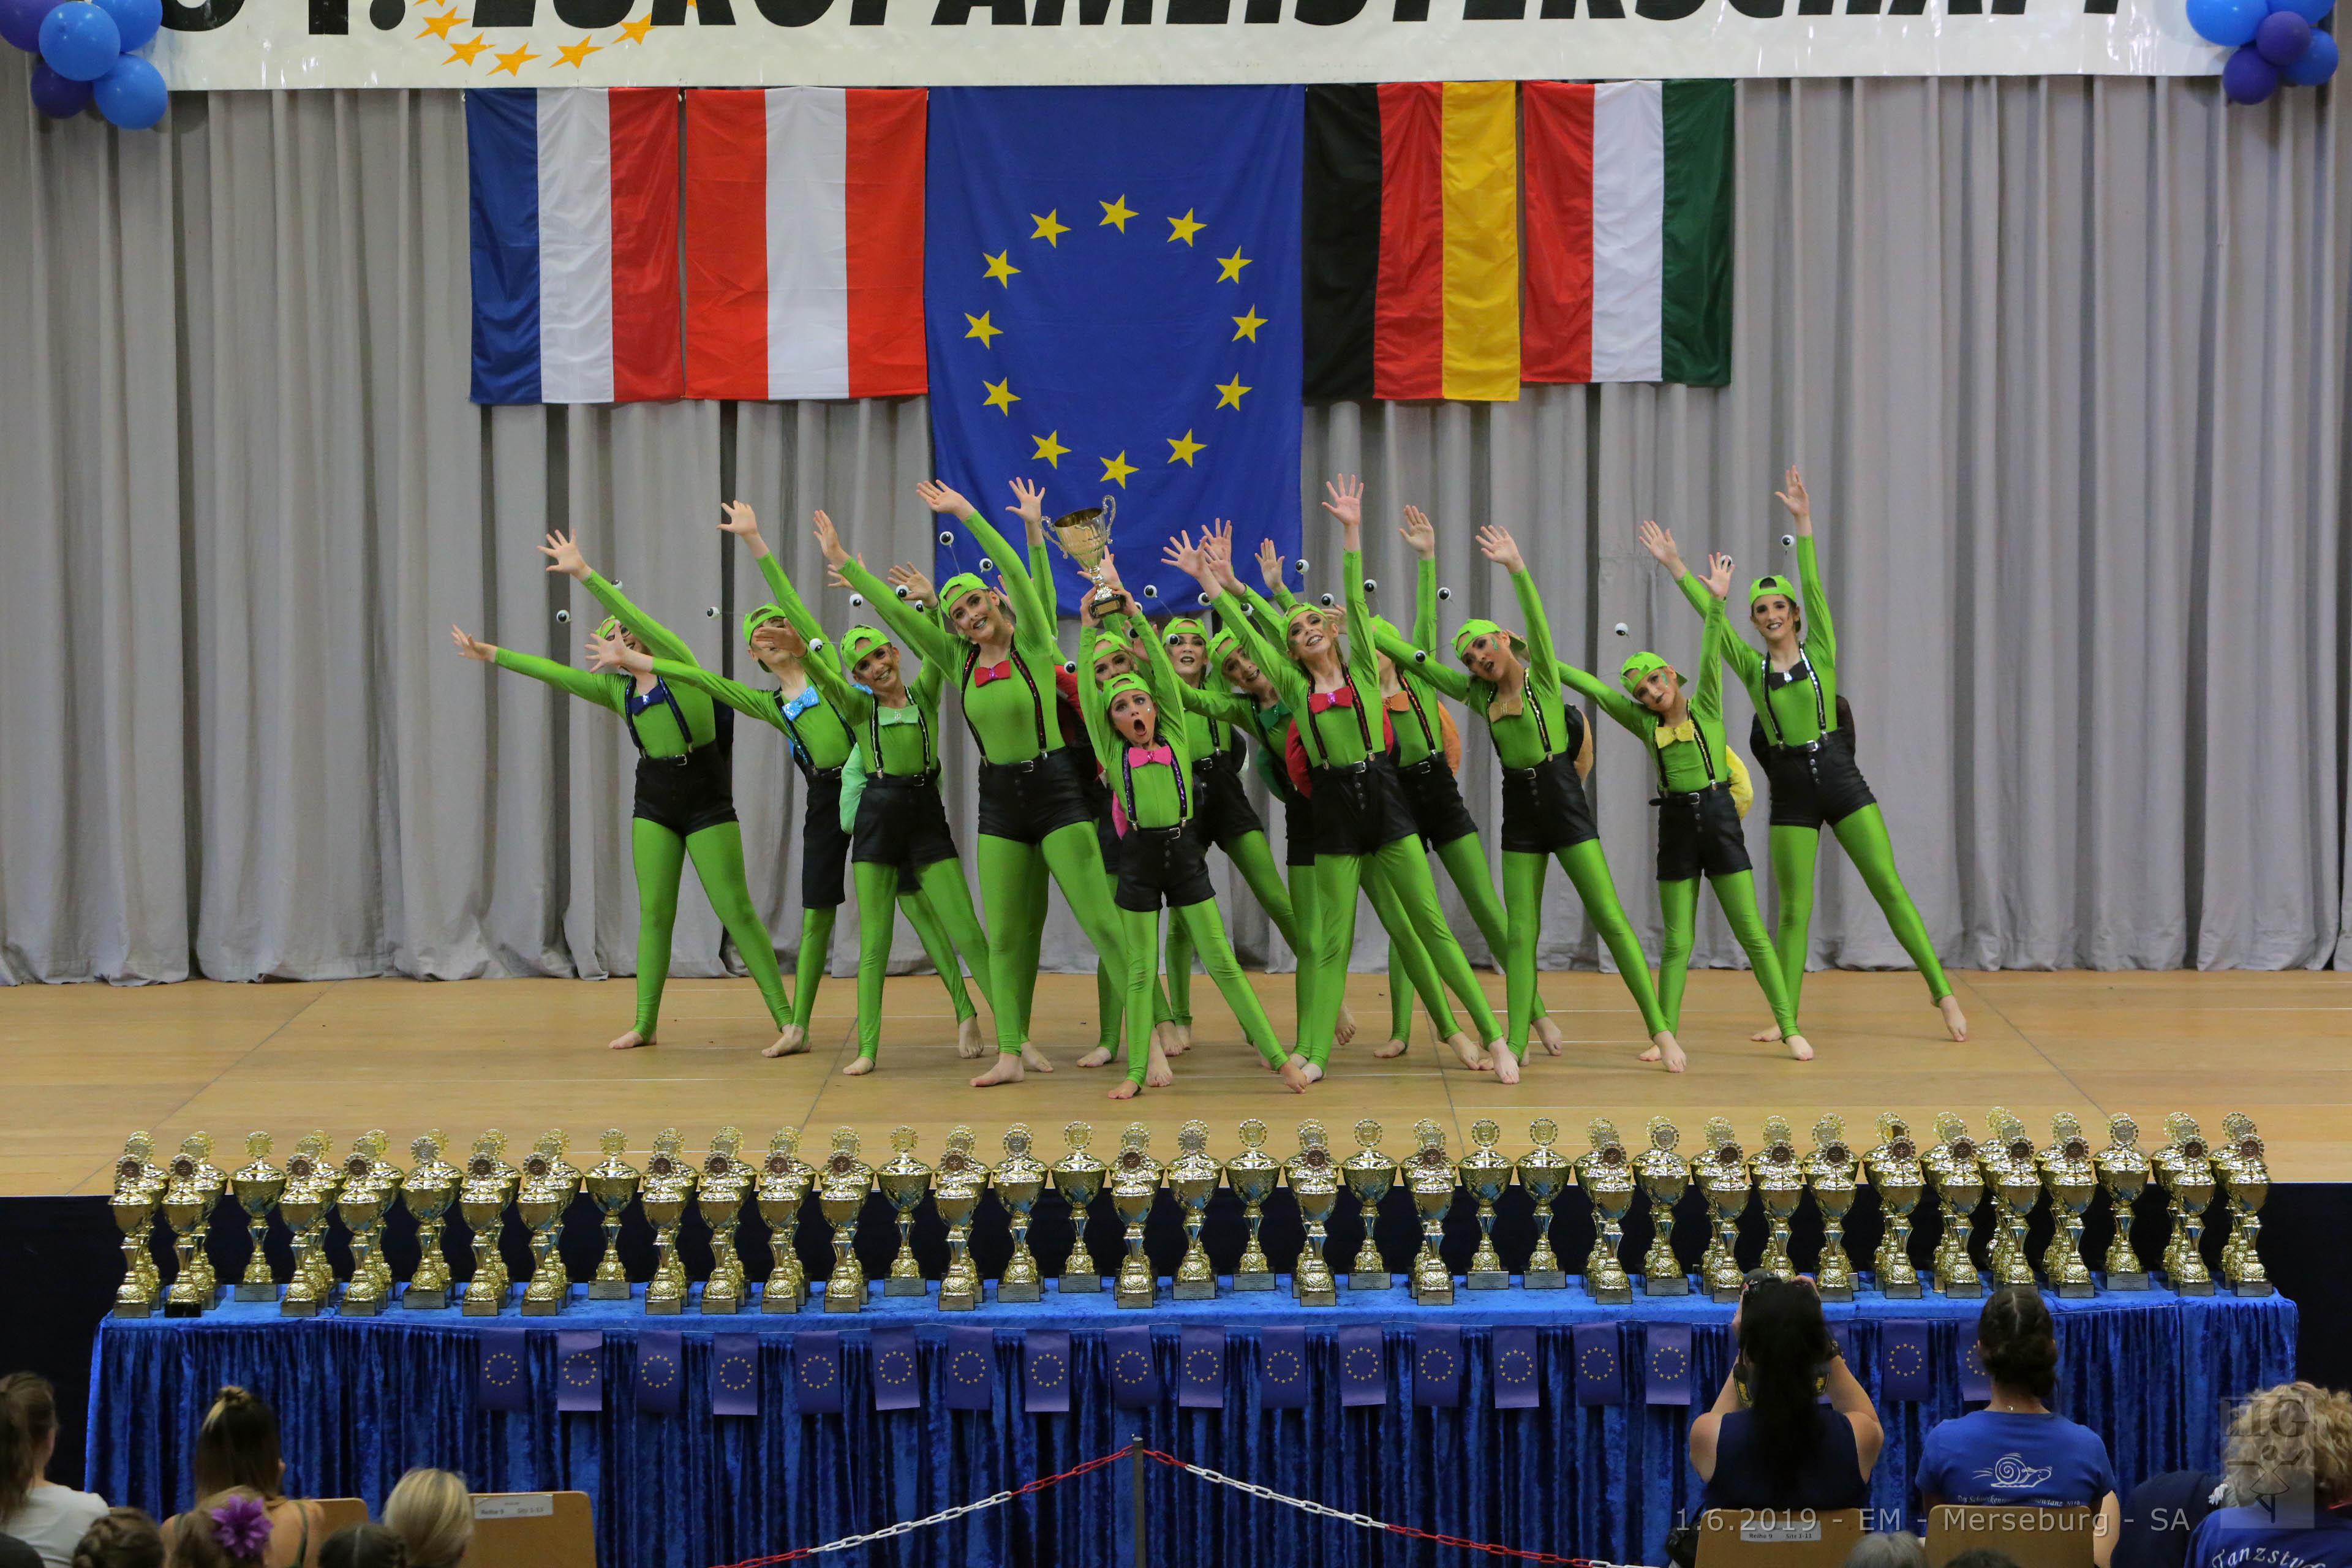 Europameisterschaft 2019 (3917)